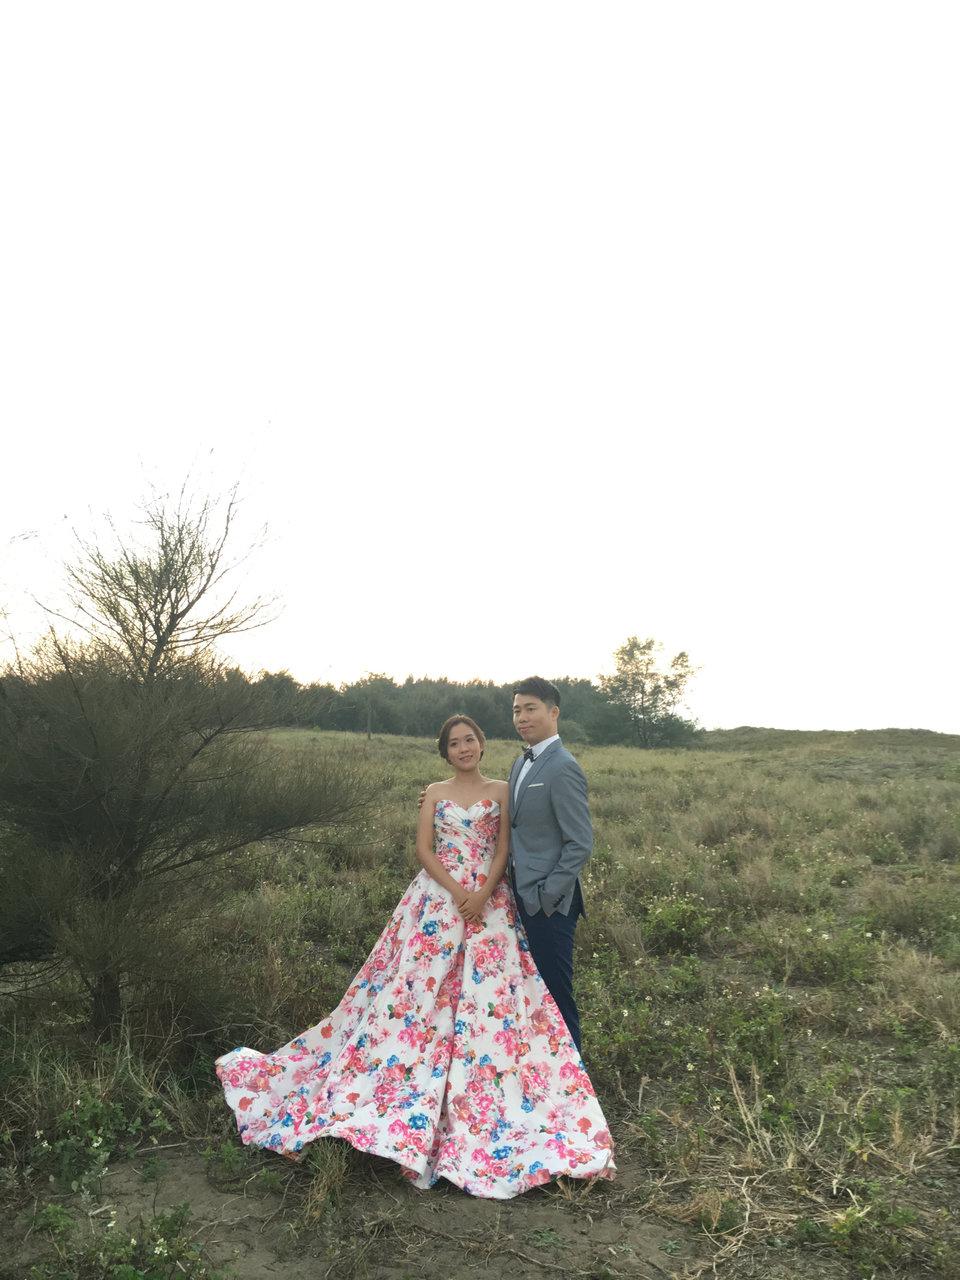 J2 wedding 板橋 手工訂製婚紗,拍婚紗照十分推薦J2wedding板橋店